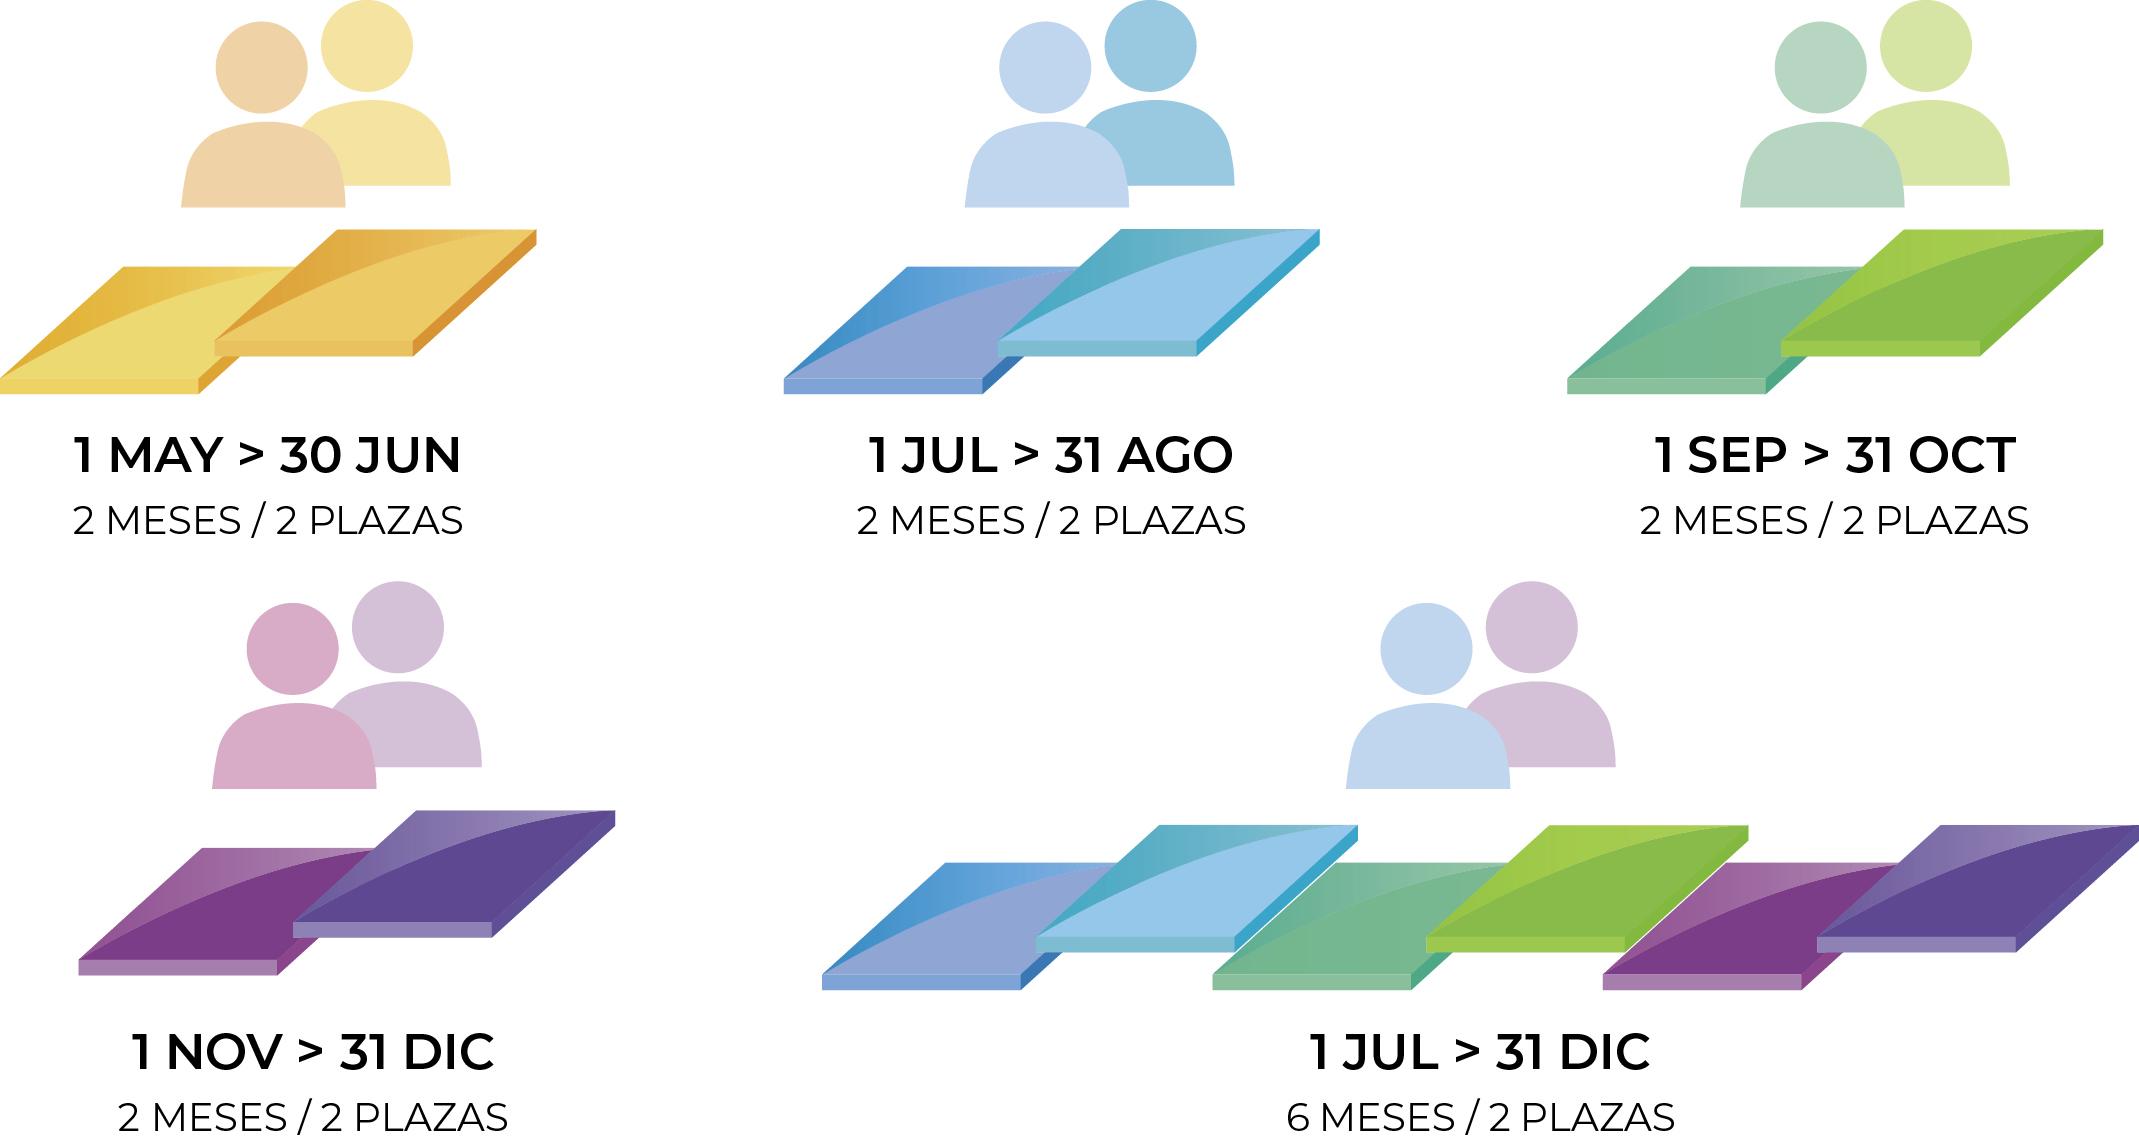 ilustracion_calendario_voluntariado_V2